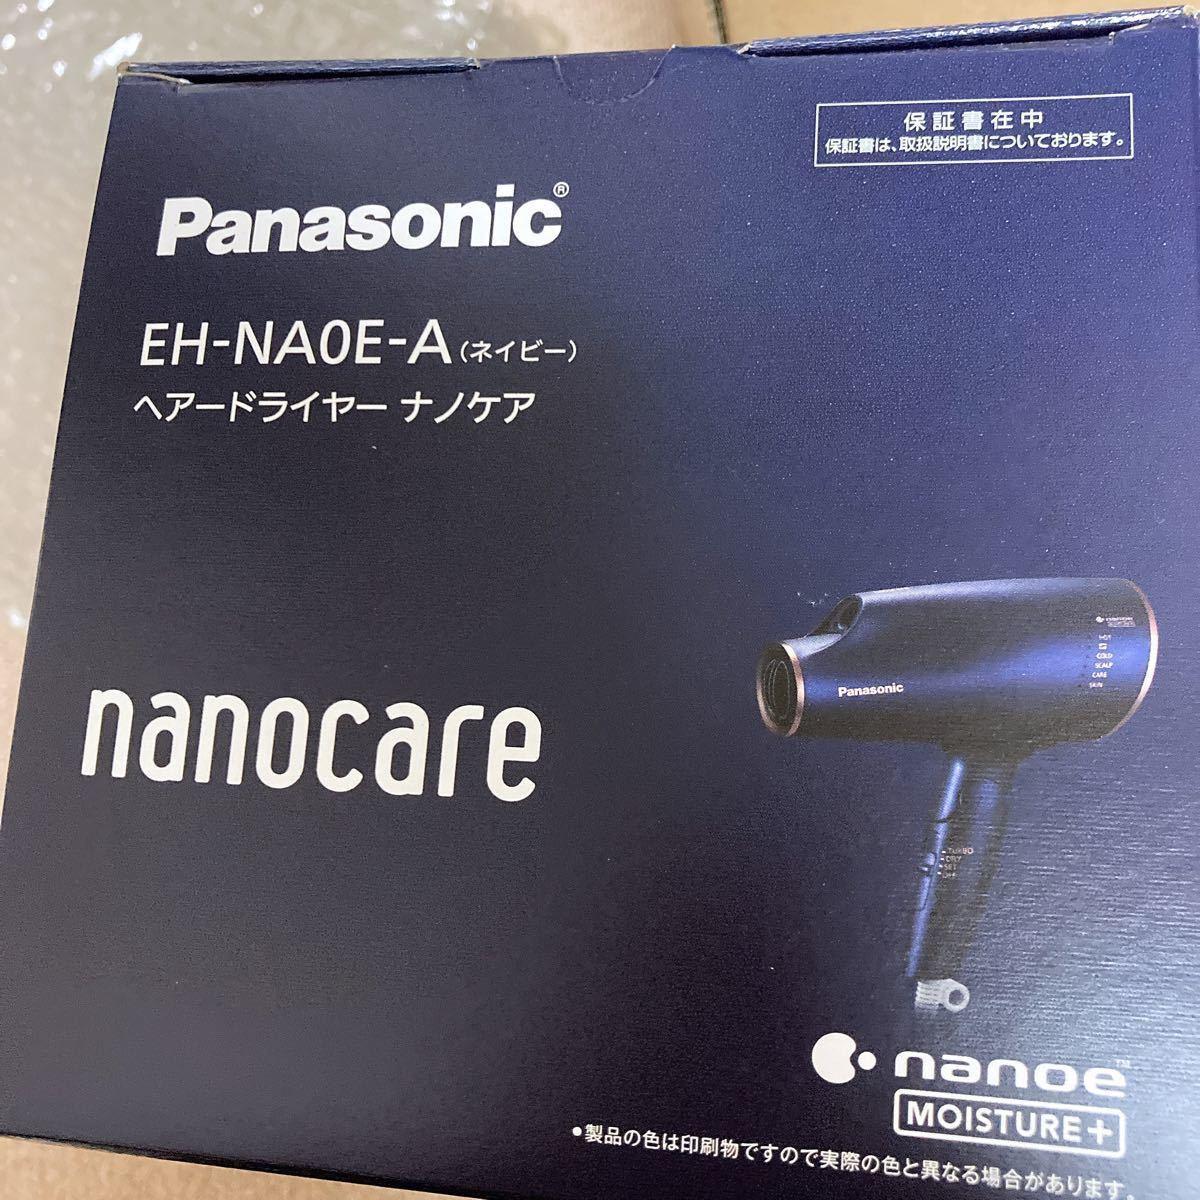 パナソニック ヘアドライヤー ナノケア 高浸透「ナノイー」搭載 ネイビー EH-NA0E-A Panasonic